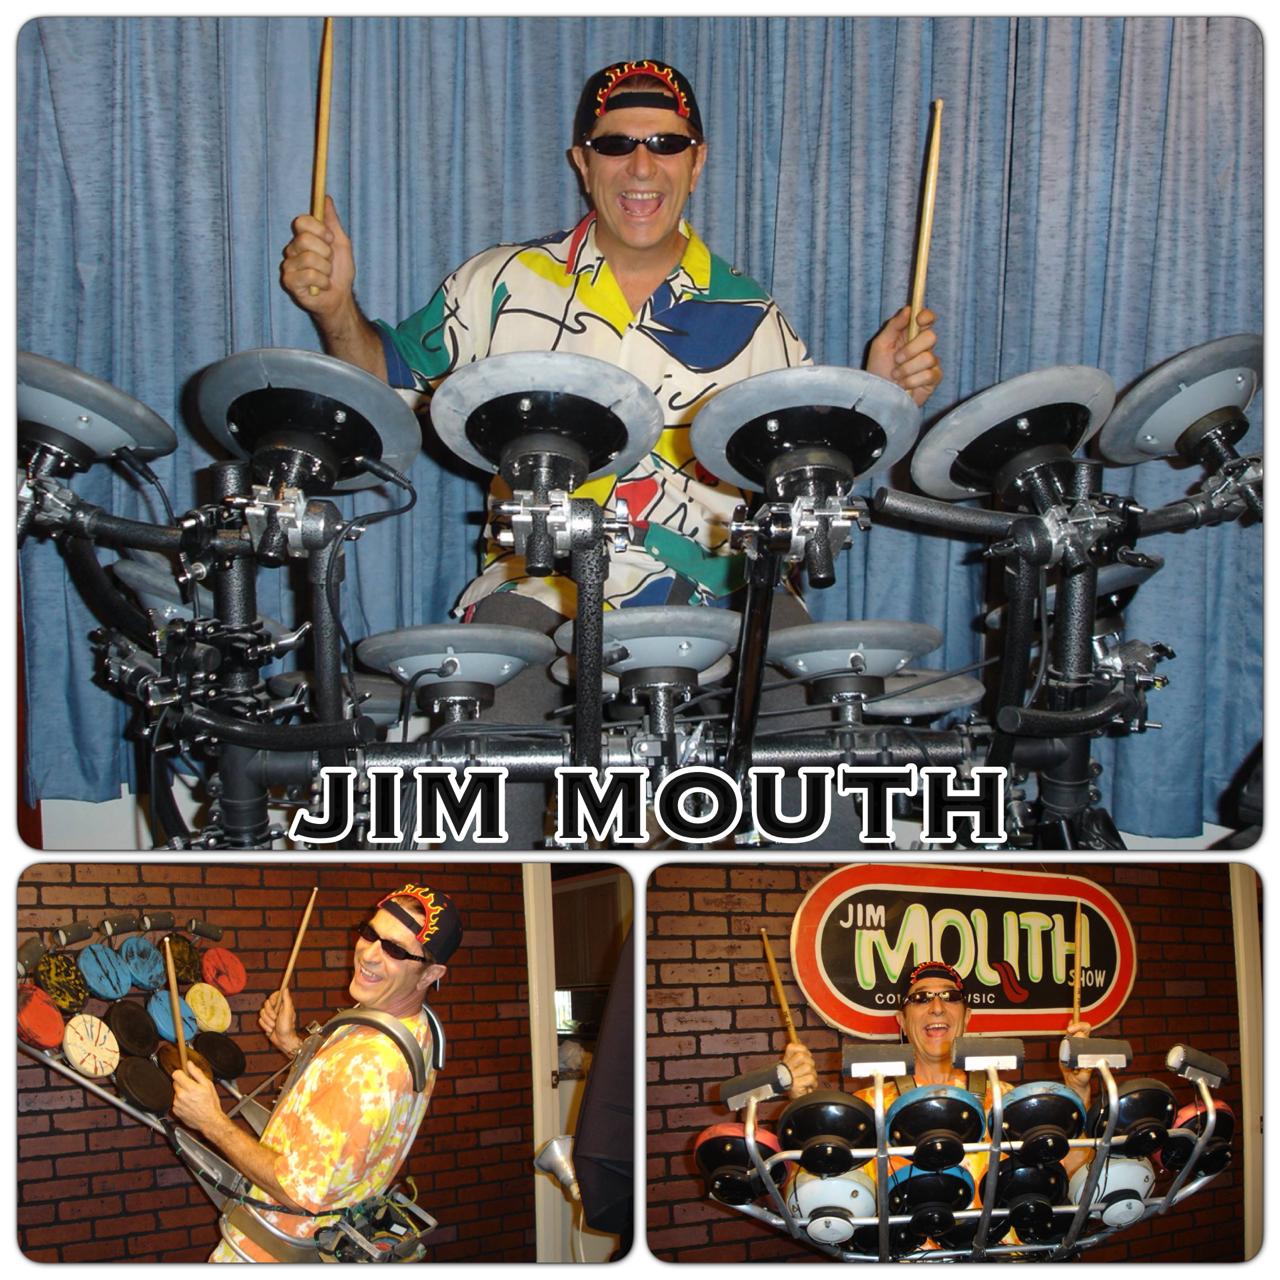 Jim Mouth